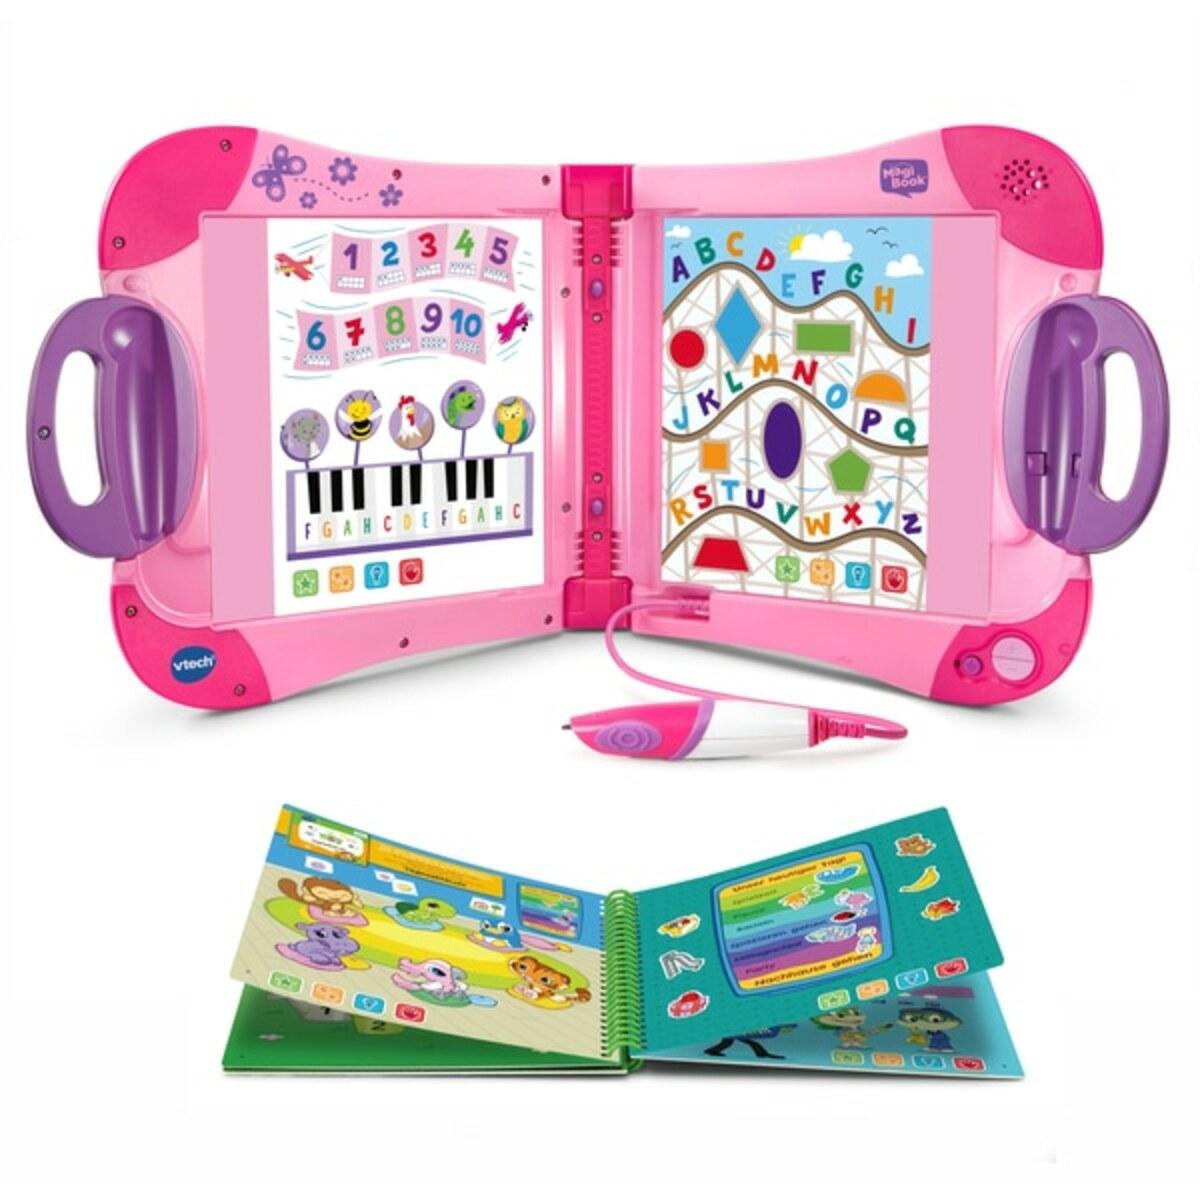 Bild 4 von VTech - MagiBook, pink